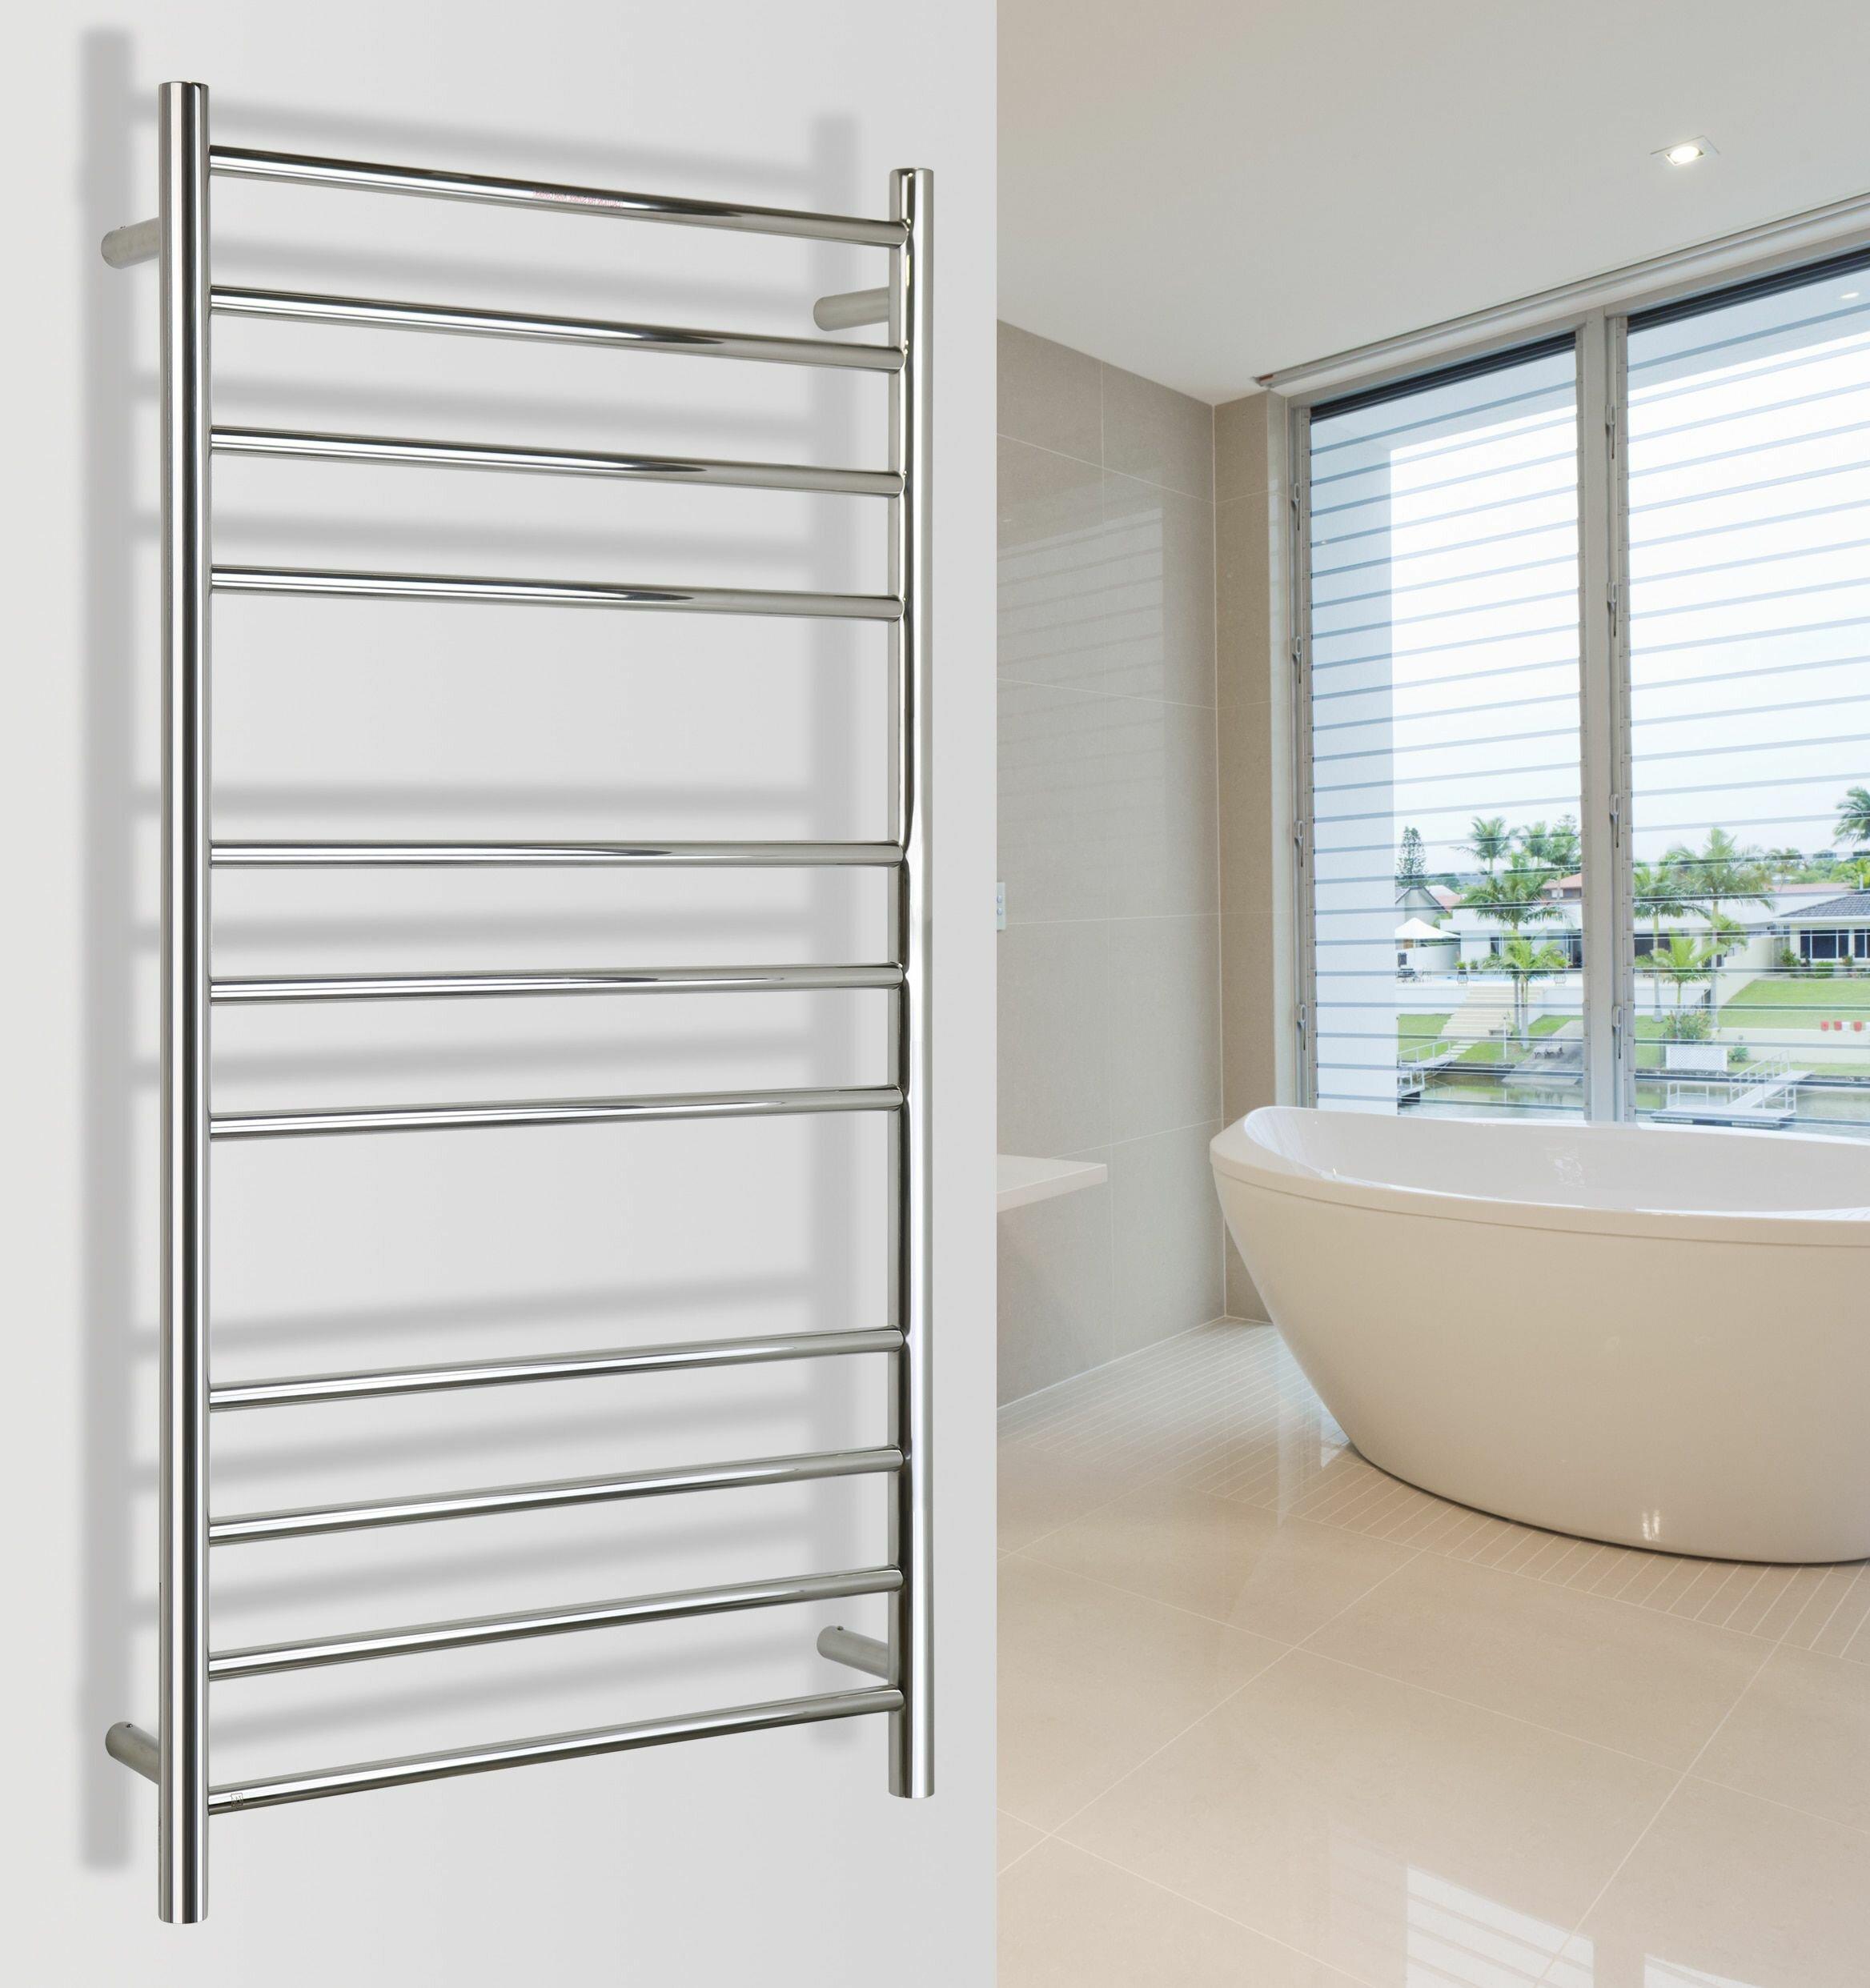 WarmlyYours 4-Bar Towel Warmer